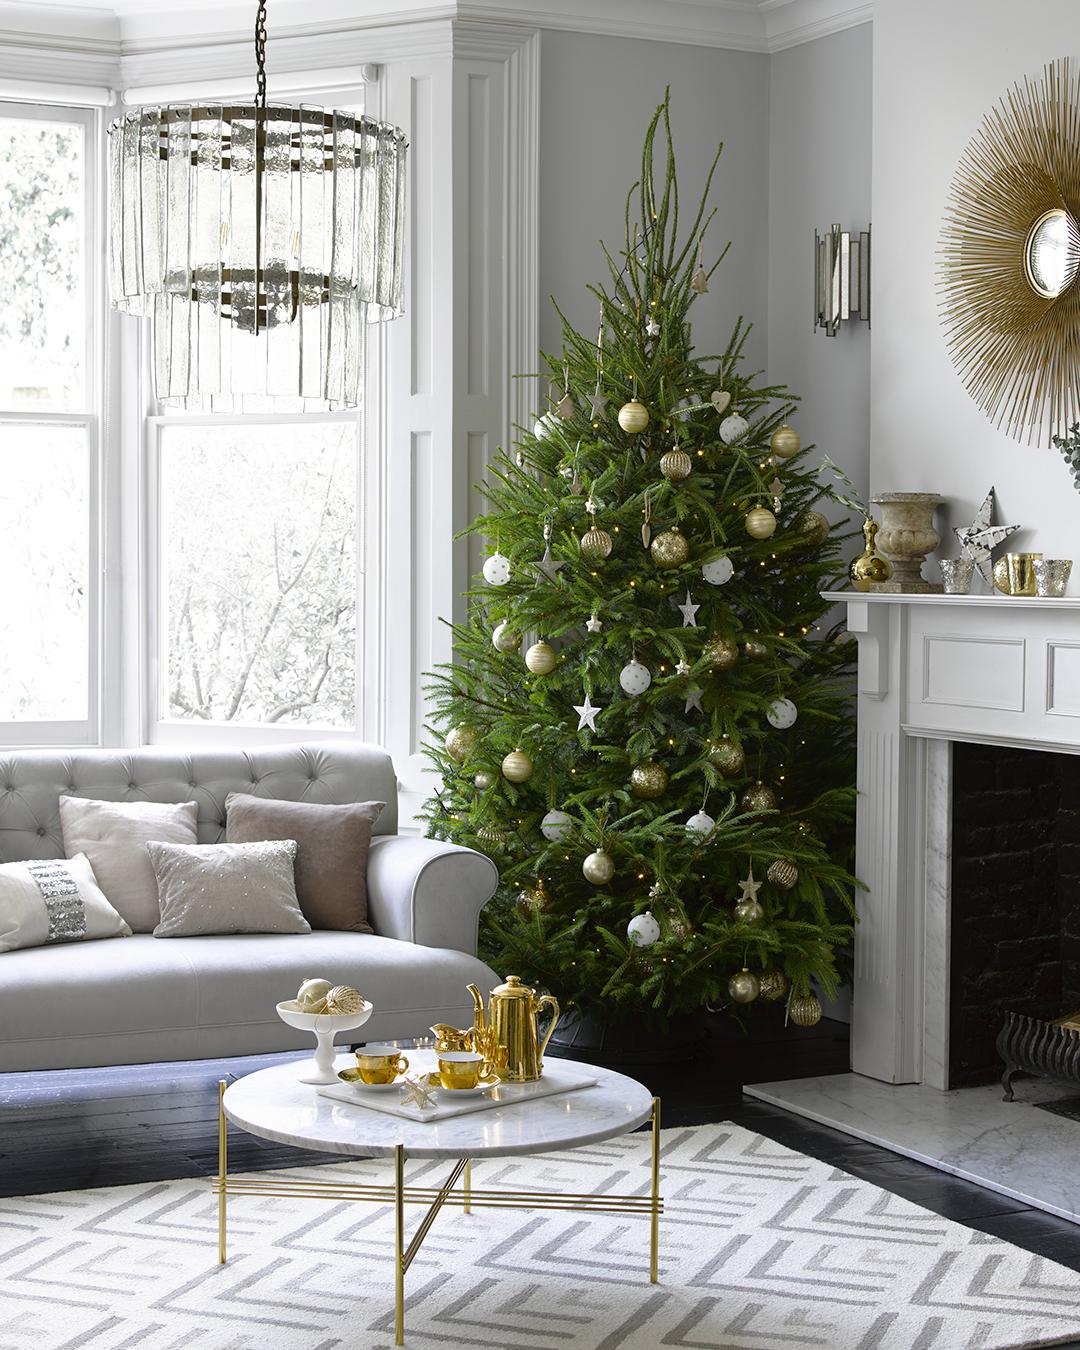 Willow & Hall Christmas living room